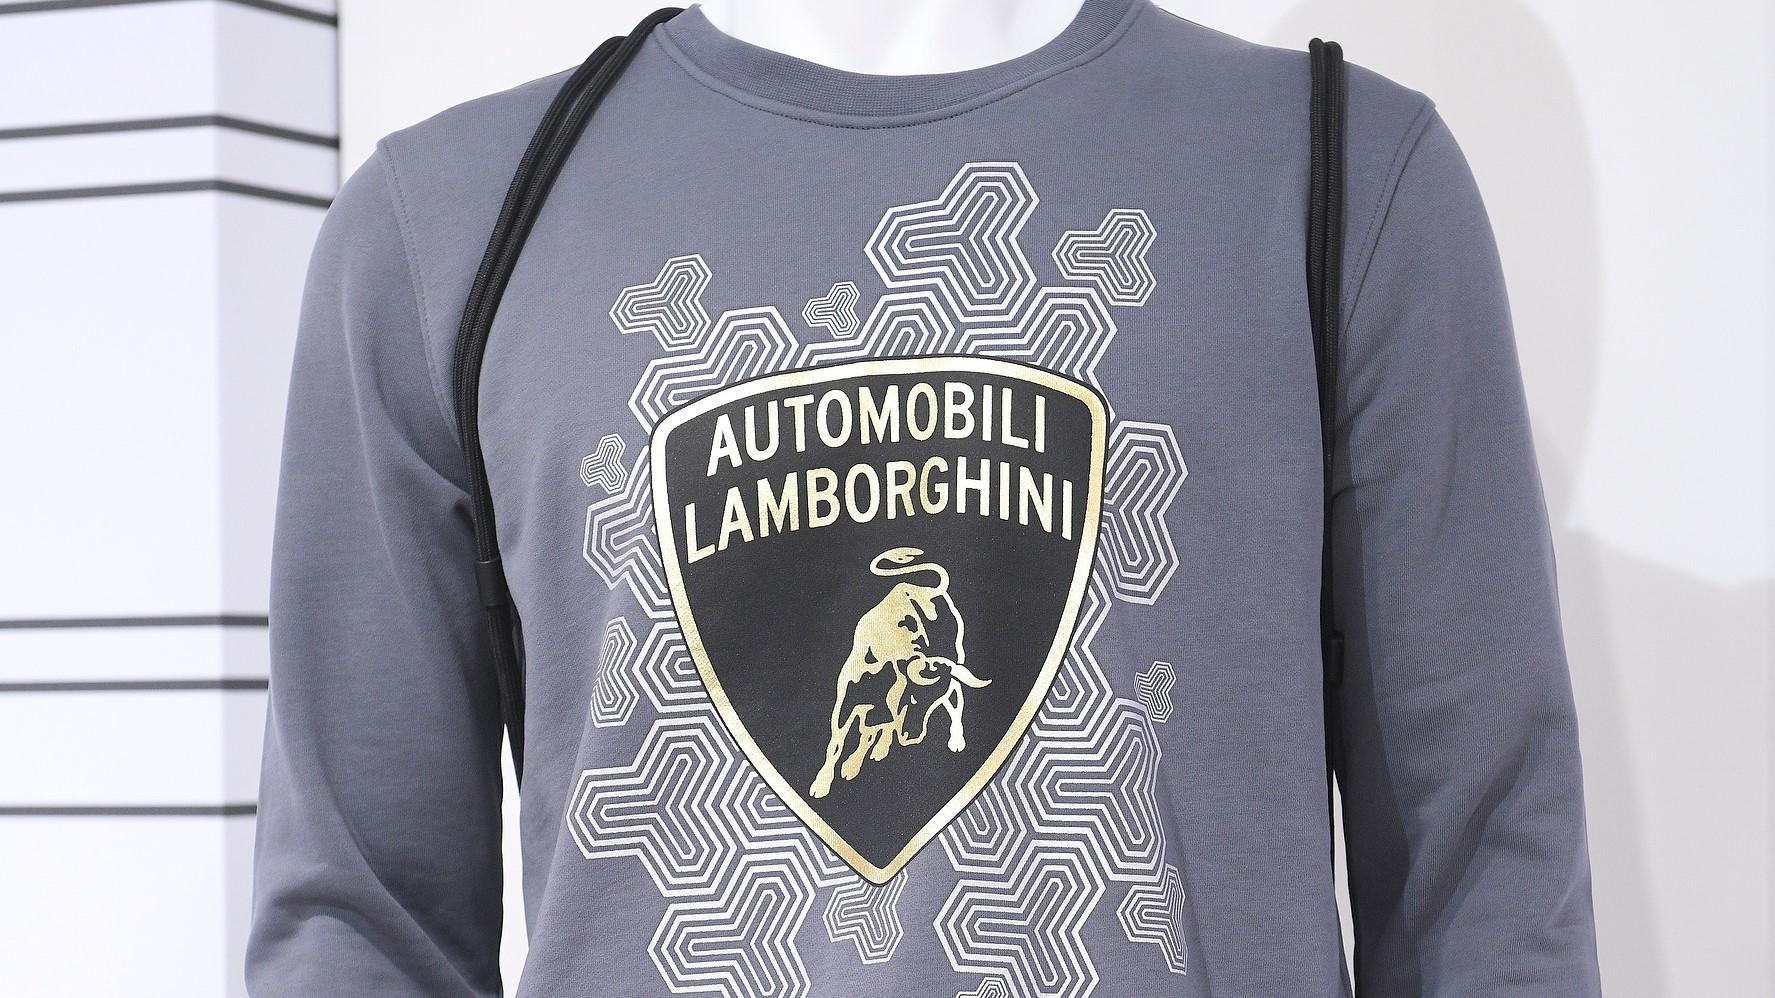 Automobili Lamborghini Menswear Collection Fall Winter 2020 – 2021 at PITTI Uomo 97 - Image 6